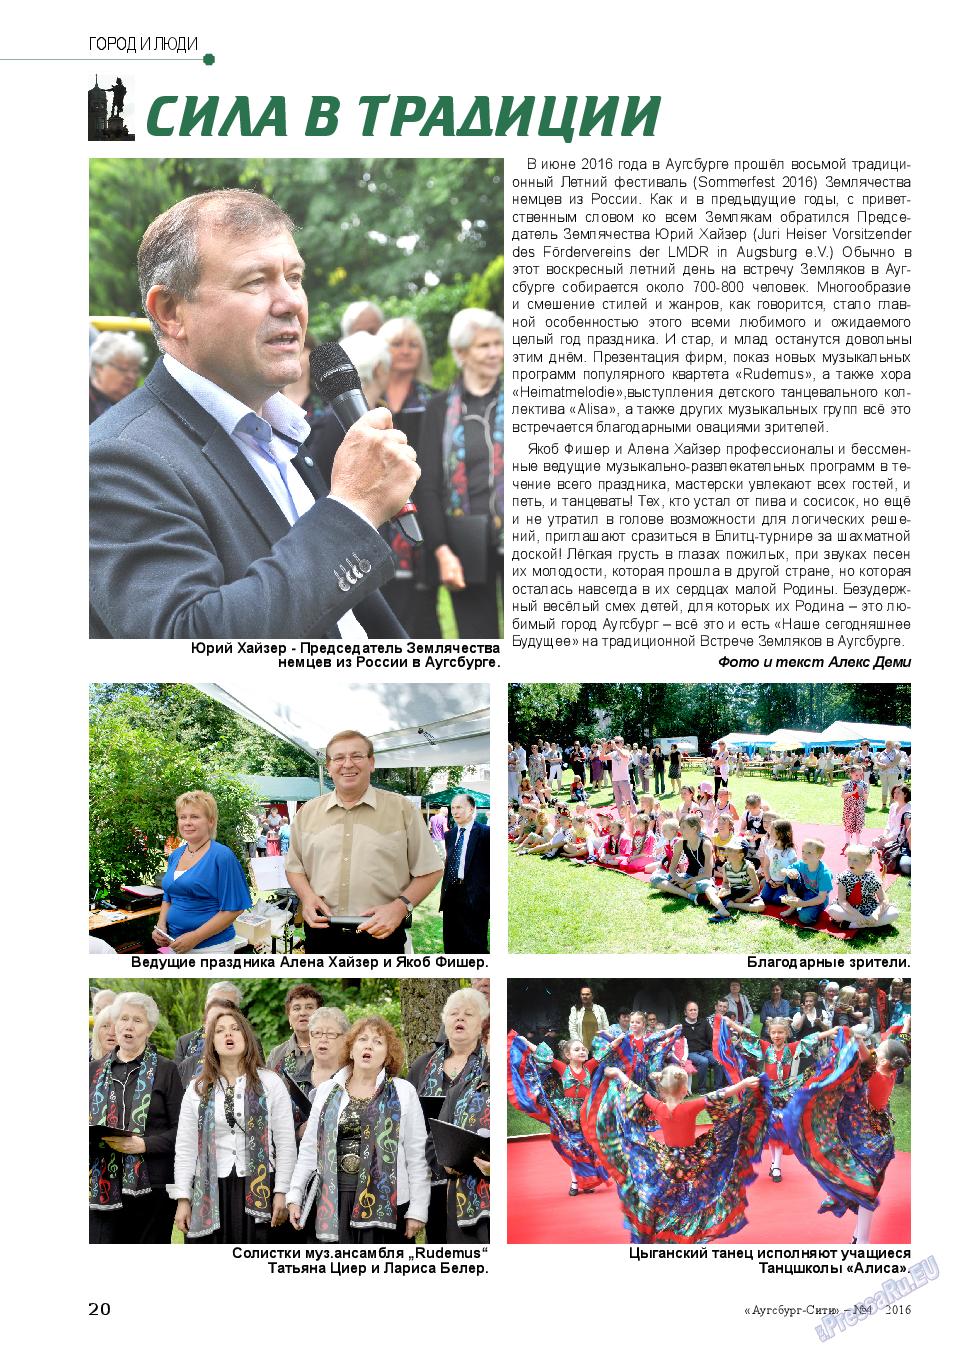 Аугсбург-сити (журнал). 2016 год, номер 4, стр. 20